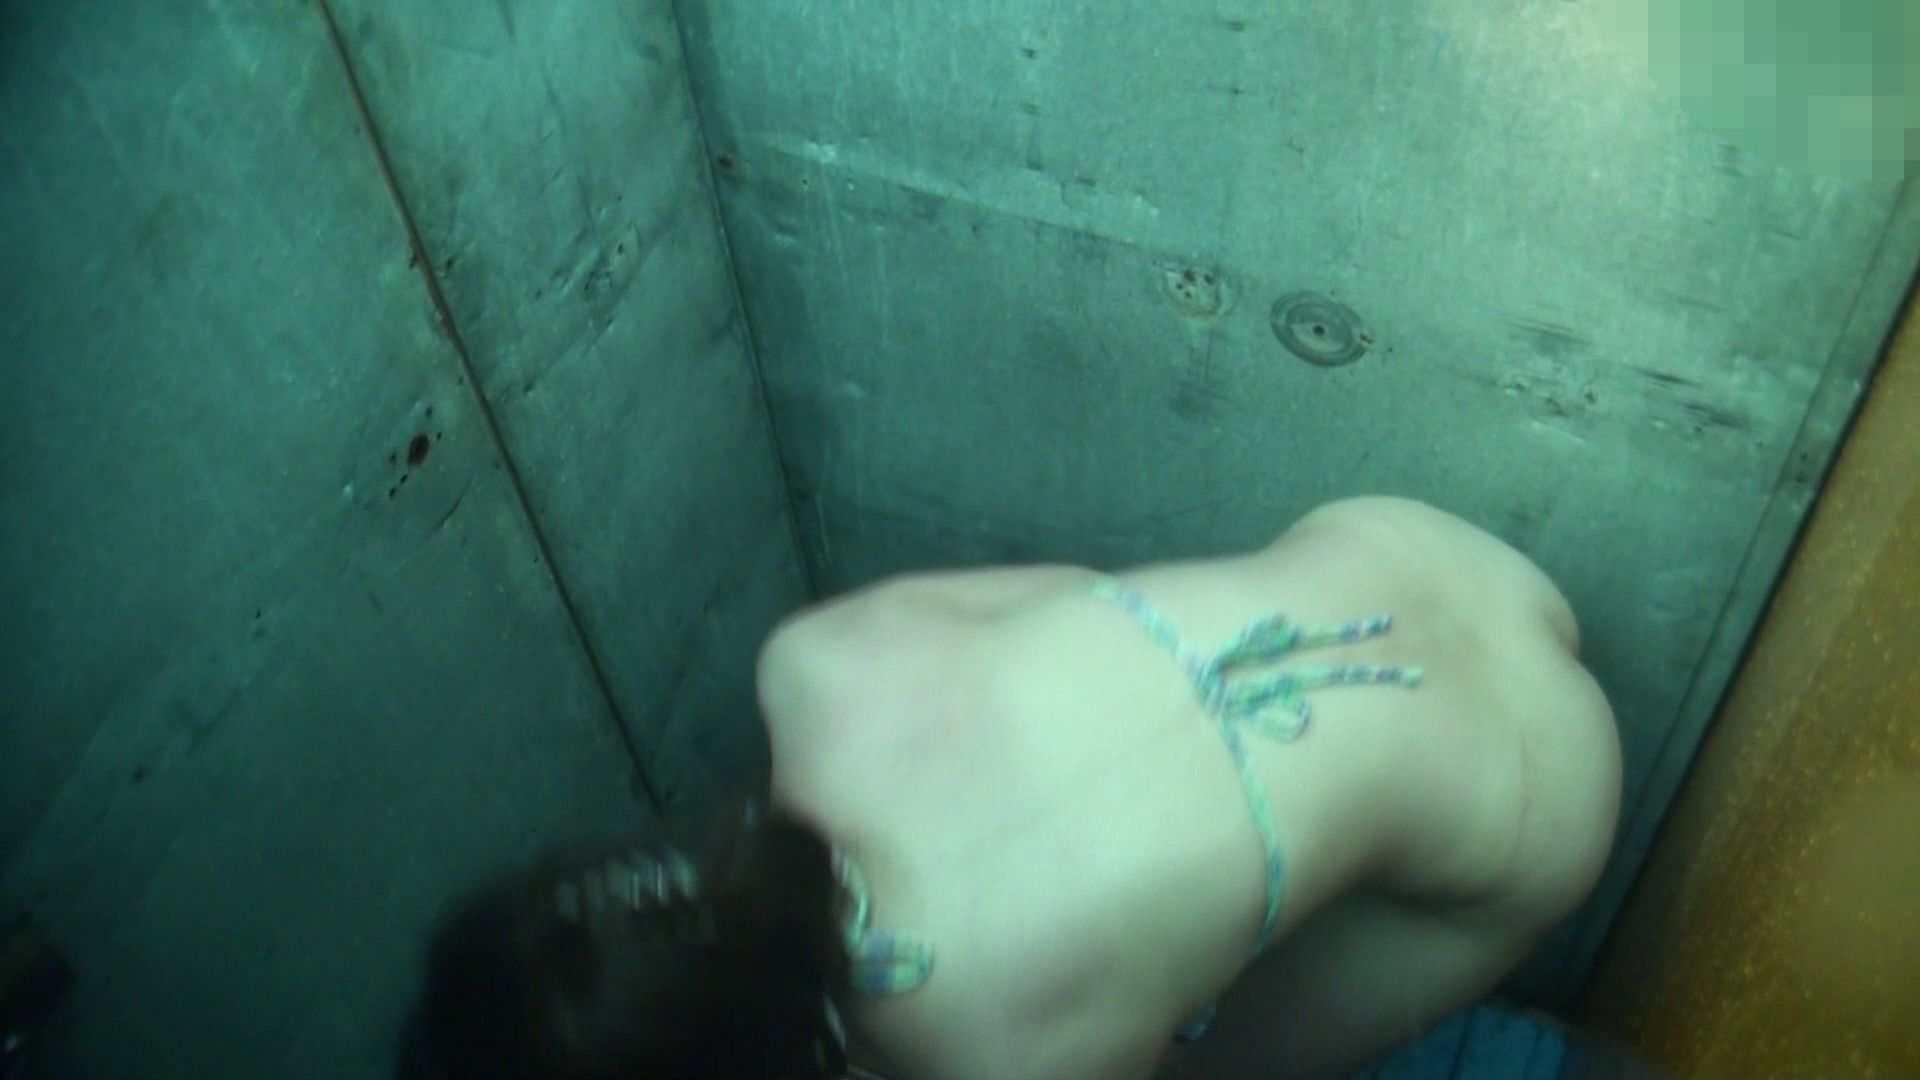 シャワールームは超!!危険な香りVol.15 残念ですが乳首未確認 マンコの砂は入念に シャワー | マンコ  41pic 26